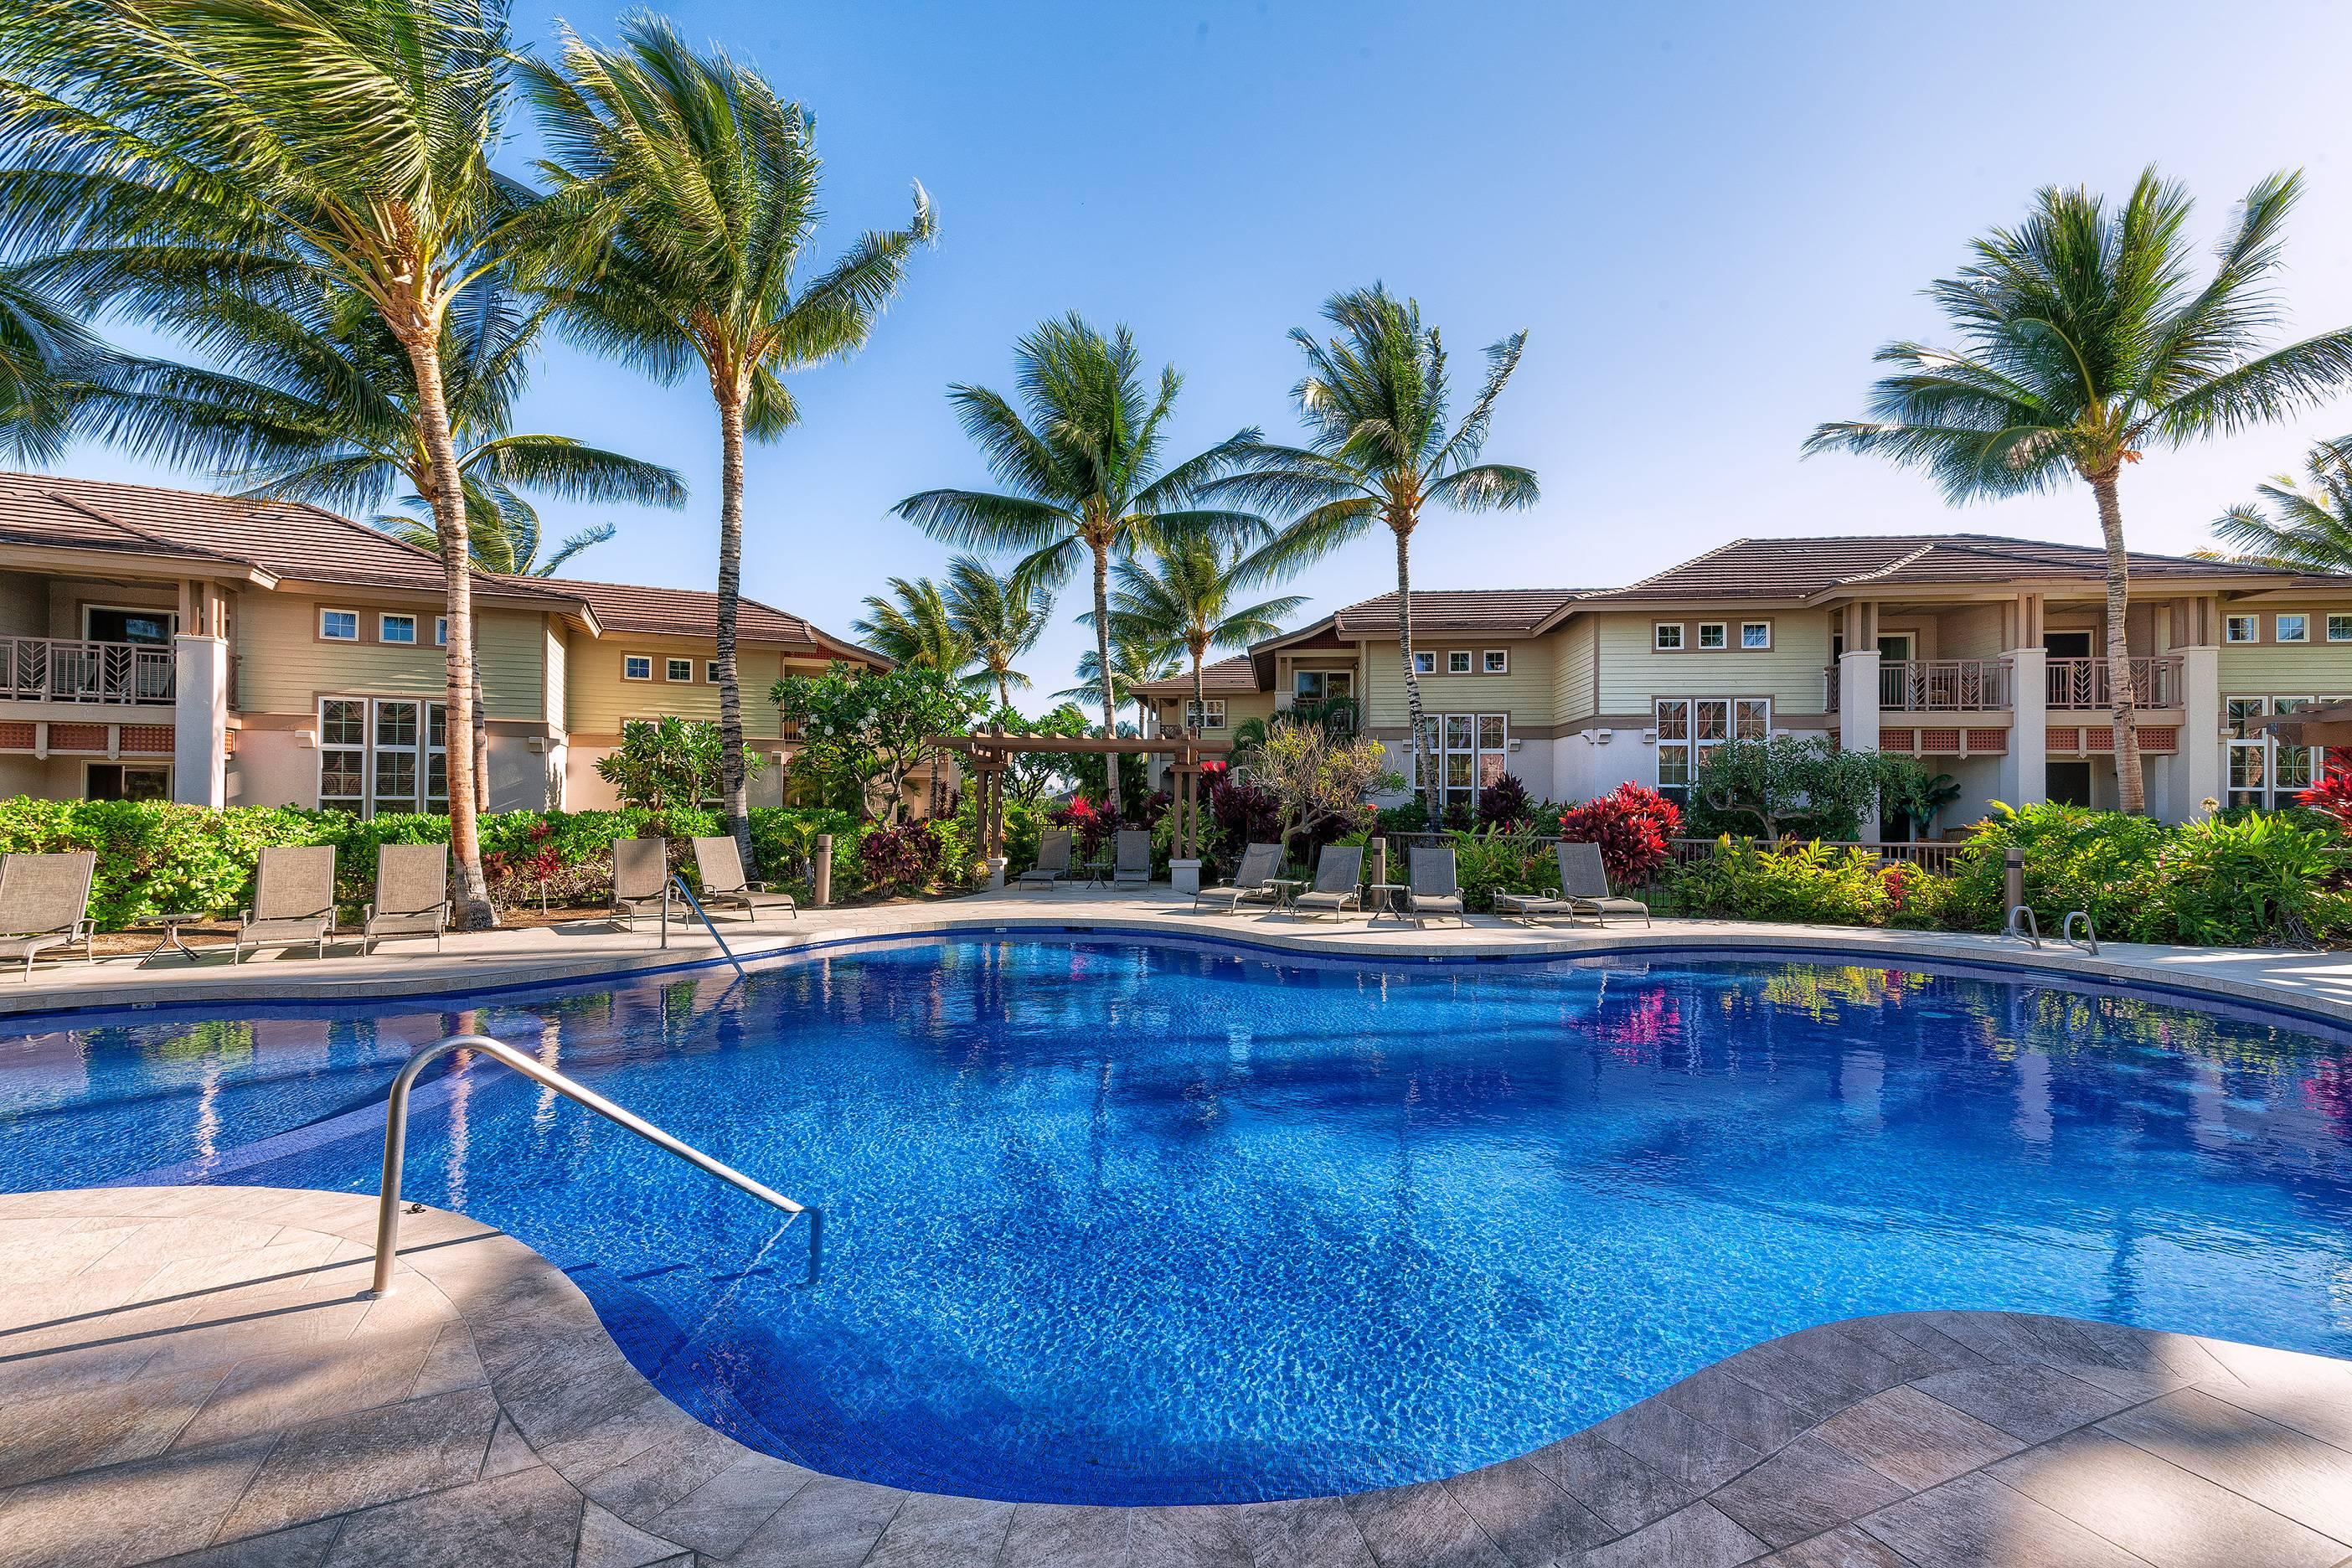 Colony Villas at Waikoloa Resort